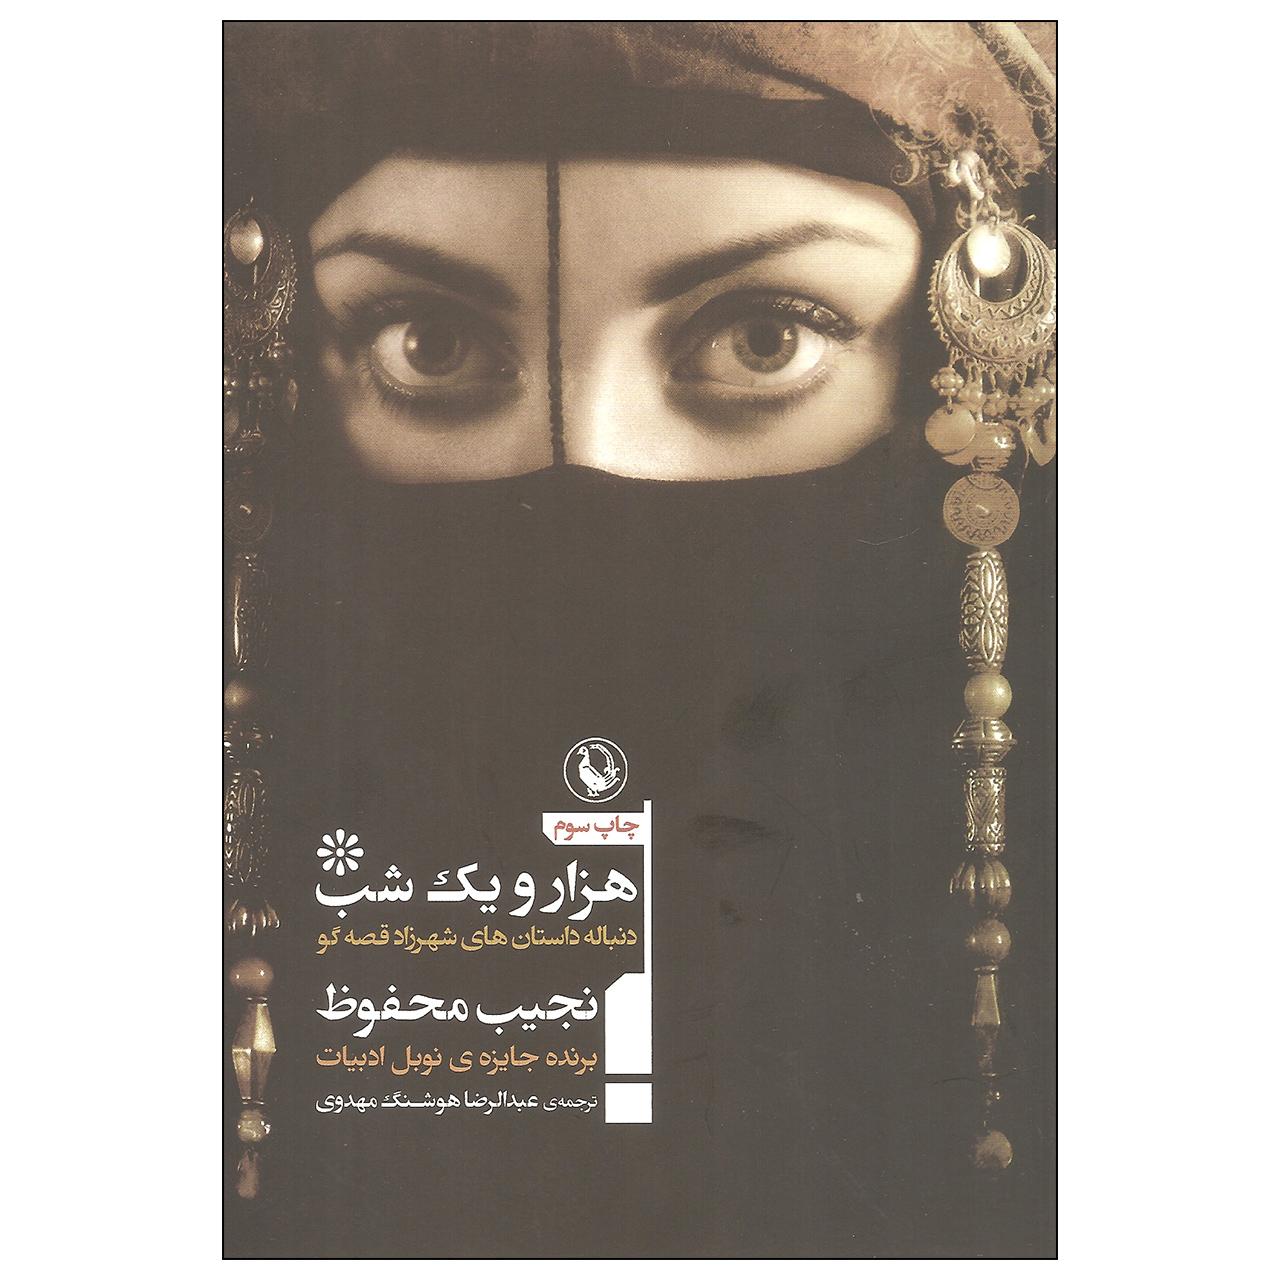 خرید                      کتاب هزار و یک شب دنباله داستان های شهرزاد قصه گو اثر نجیب محفوظ انتشارات مروارید